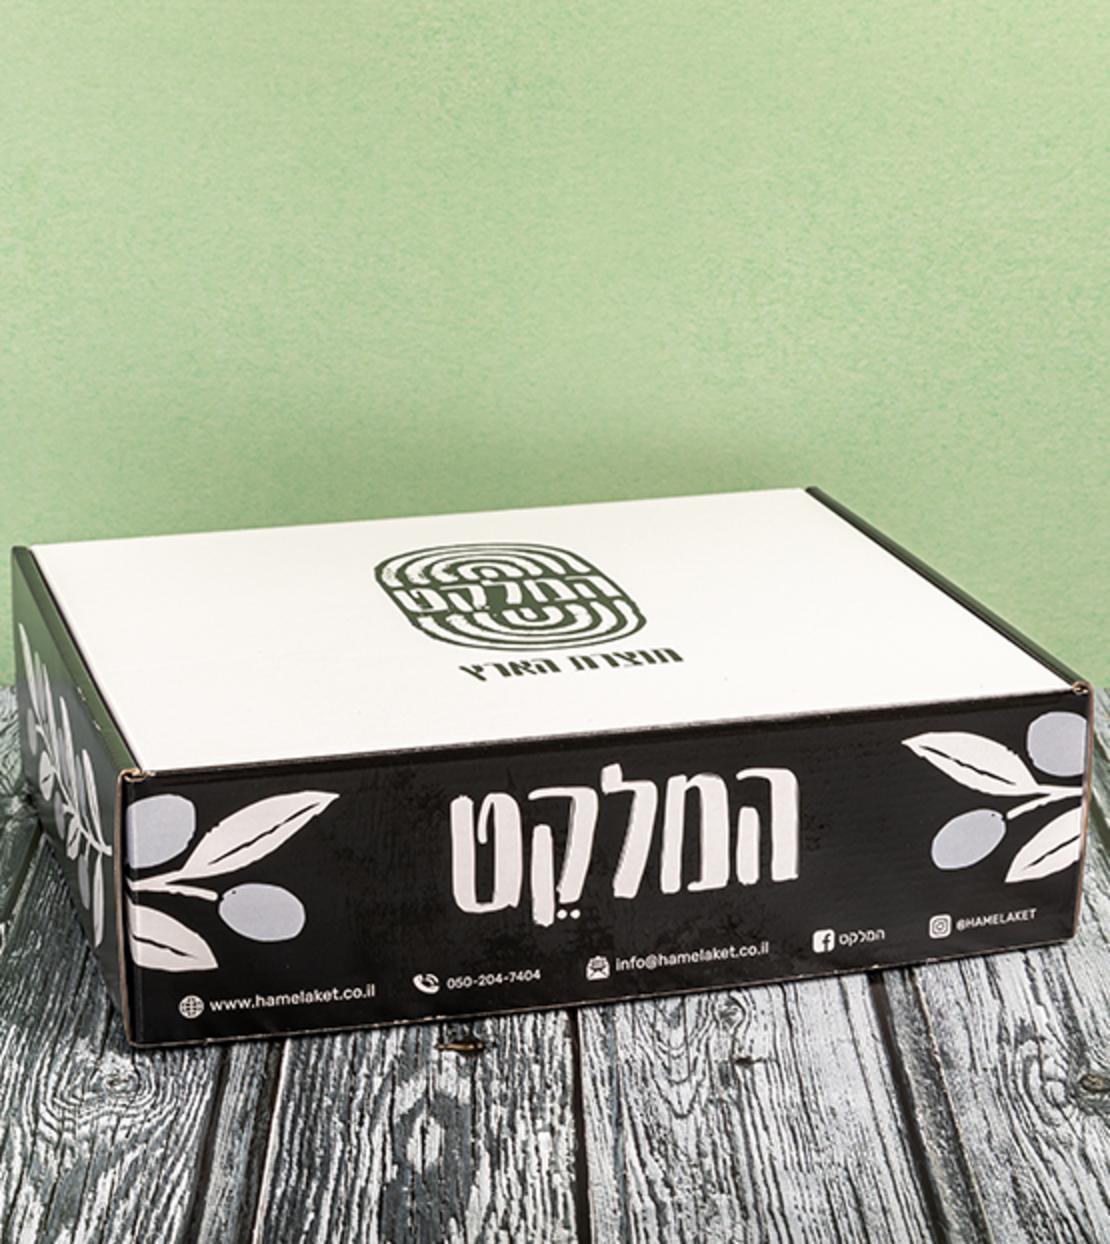 רמון-מתנה מושלמת לאוהבי גבינות